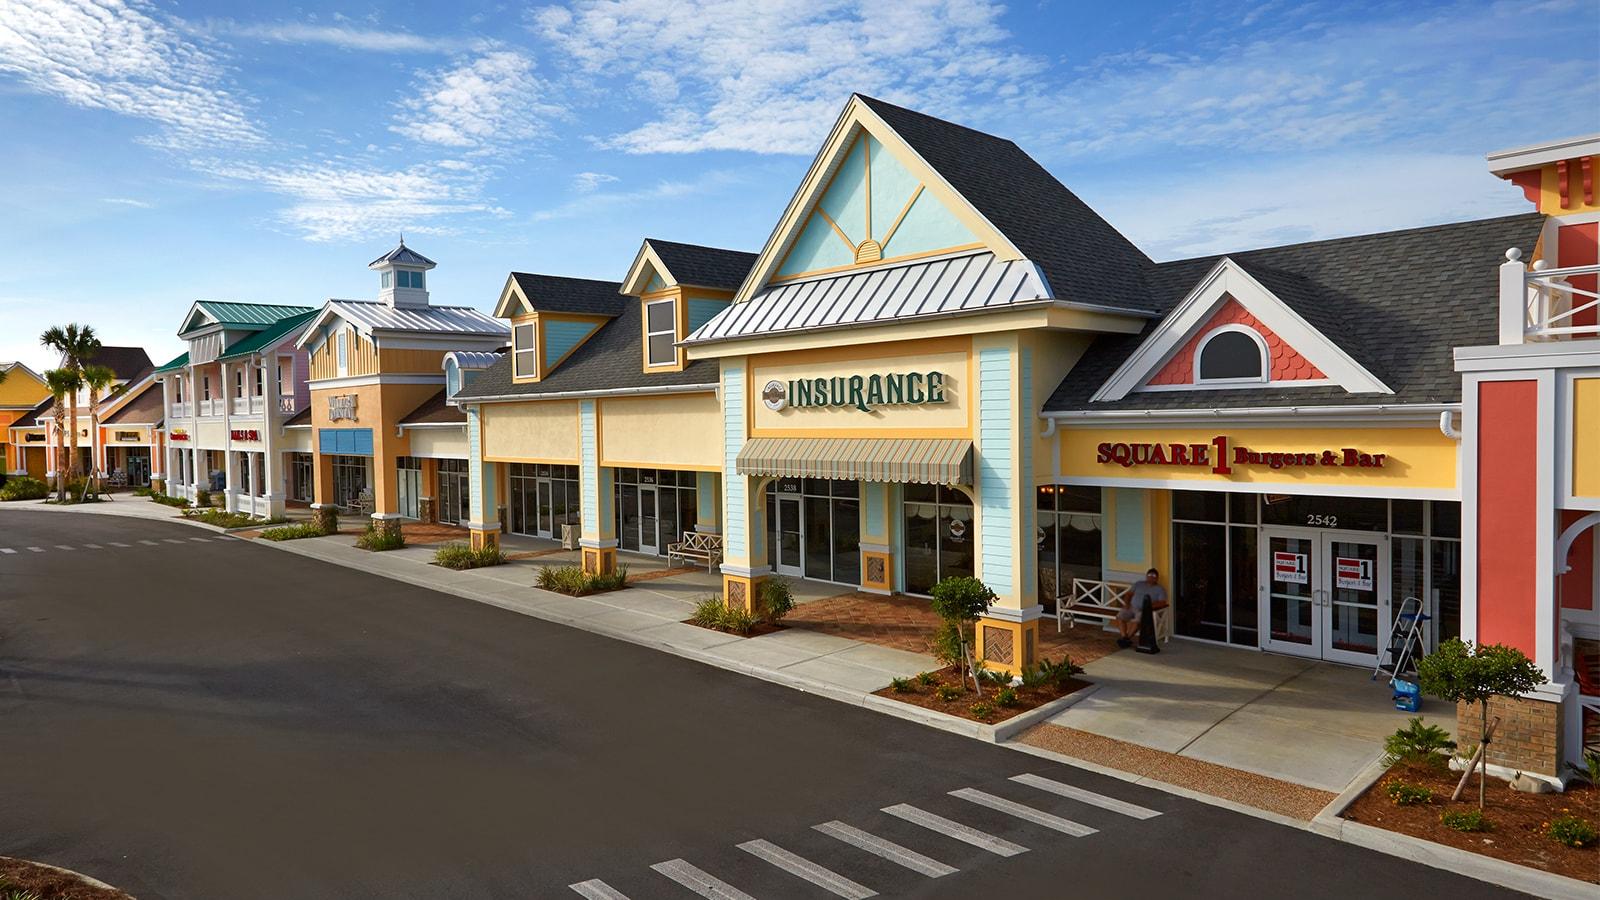 Best Home Design Plaza Images - Interior Design Ideas ...